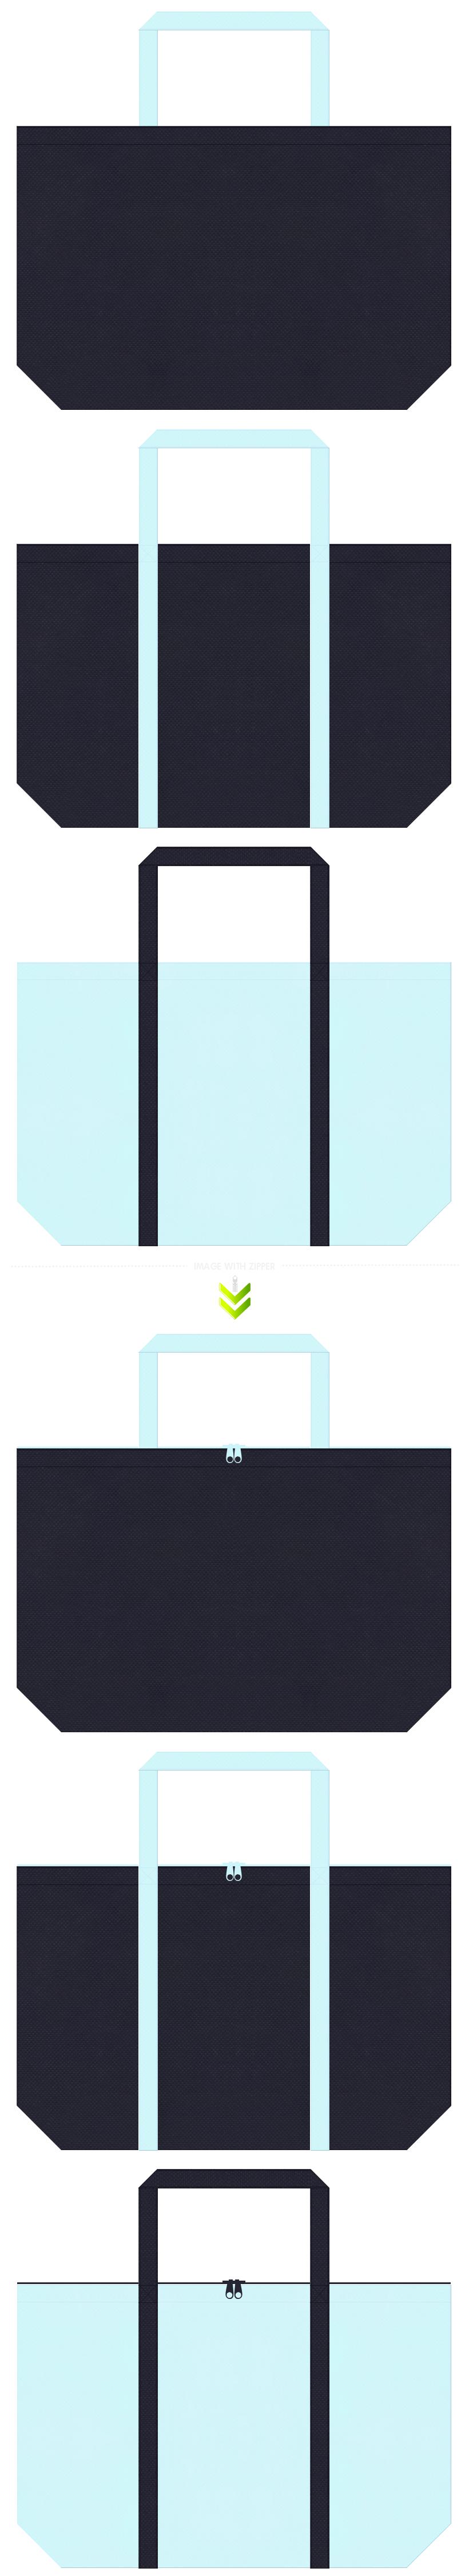 歯科・医療施設・メンズ整髪料・シェーバー・水産・船舶・ボート・ヨット・マリンスポーツ・クルージング・プール・水泳教室・アクアリウム・野外コンサート・天体観測・プラネタリウム・星空のイベント・ランドリーバッグにお奨めの不織布バッグデザイン:濃紺色と水色のコーデ